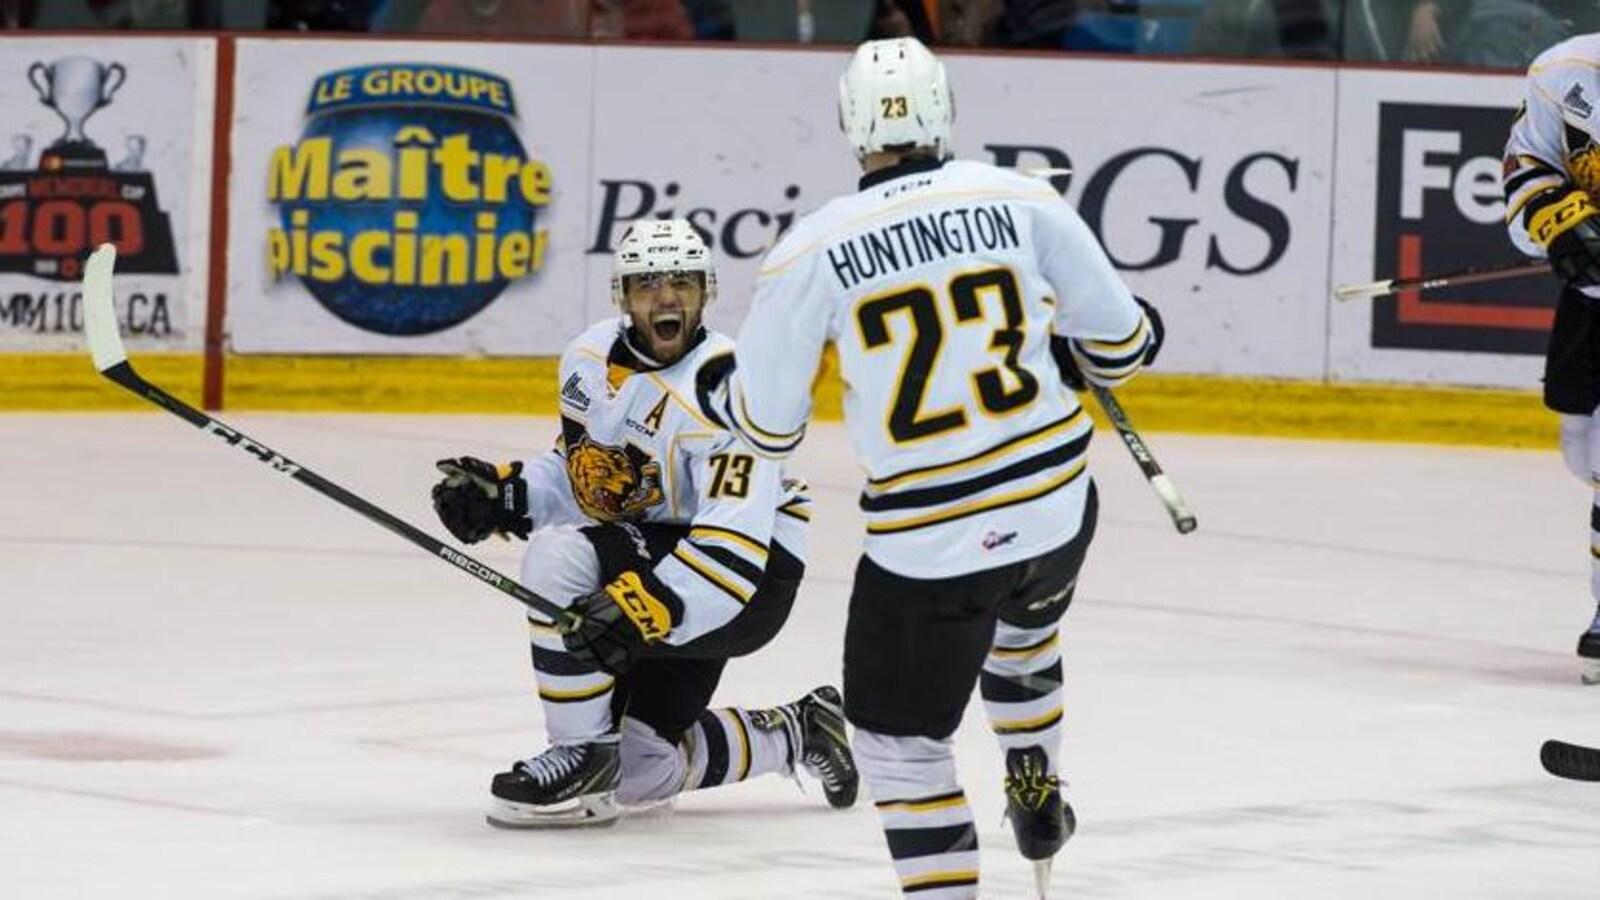 Deux joueurs des Tigres de Victoriaville célèbrent sur la patinoire après un but.